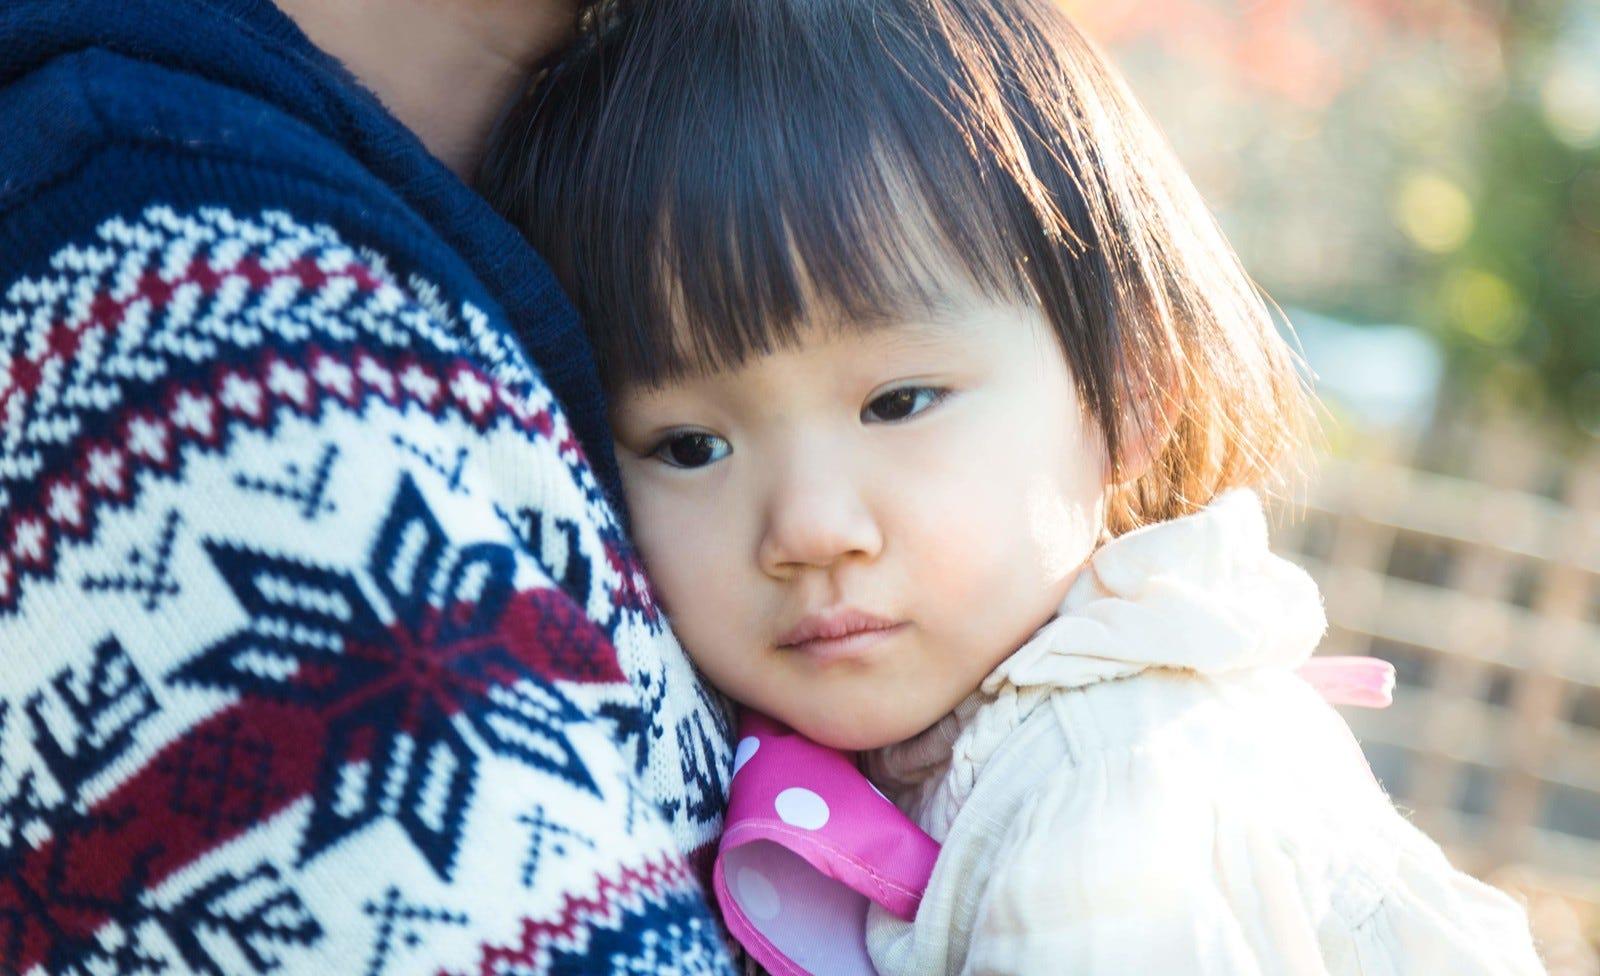 """孩子叫都叫不動,""""孩子不懂事""""為借口,孩子的親生父親是誰 - 每日頭條"""